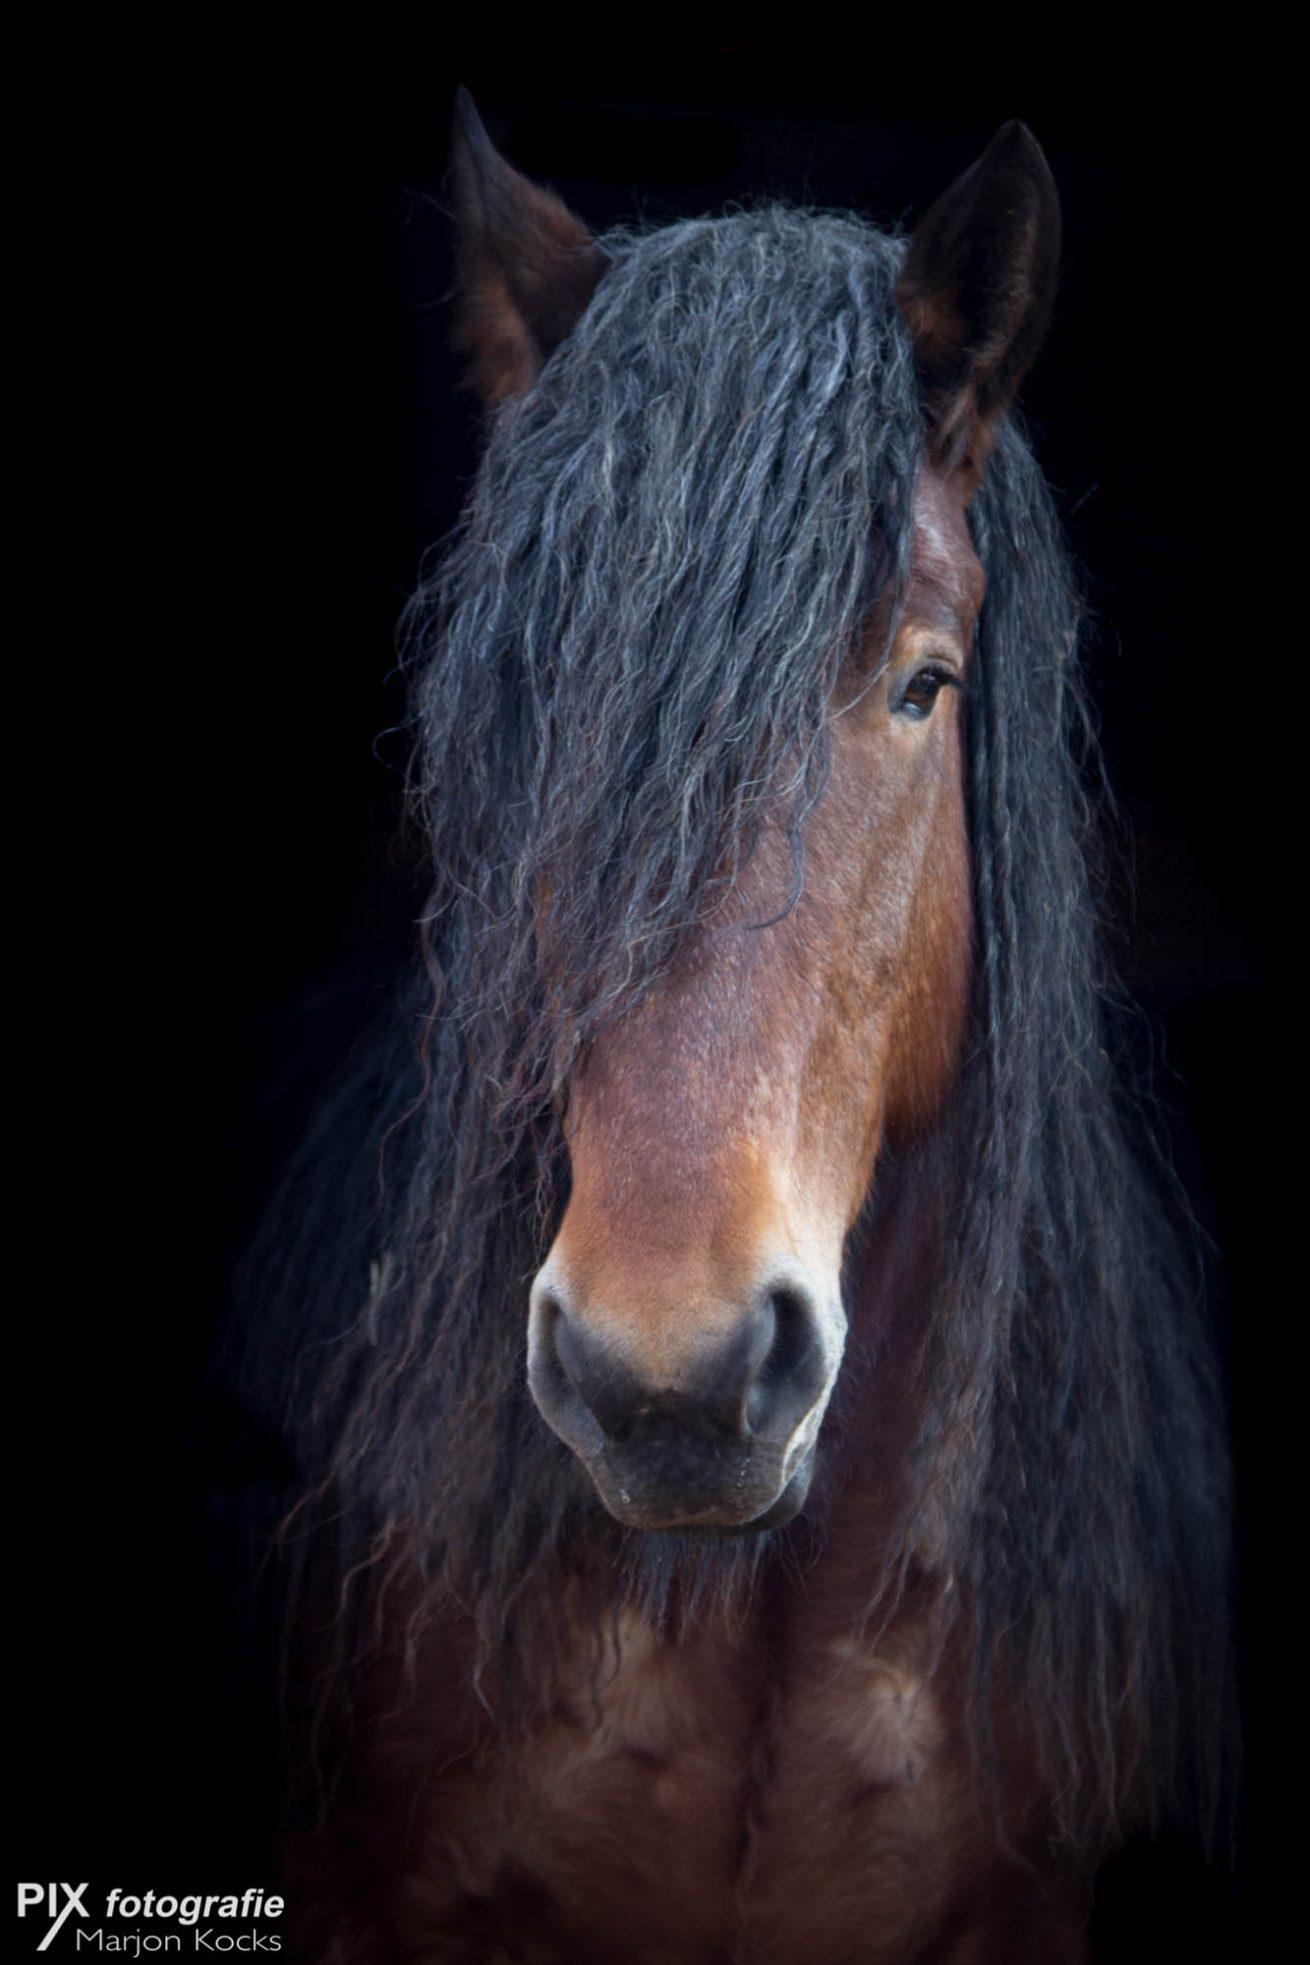 Zwarte achtergrond met paard  PIX fotografie de